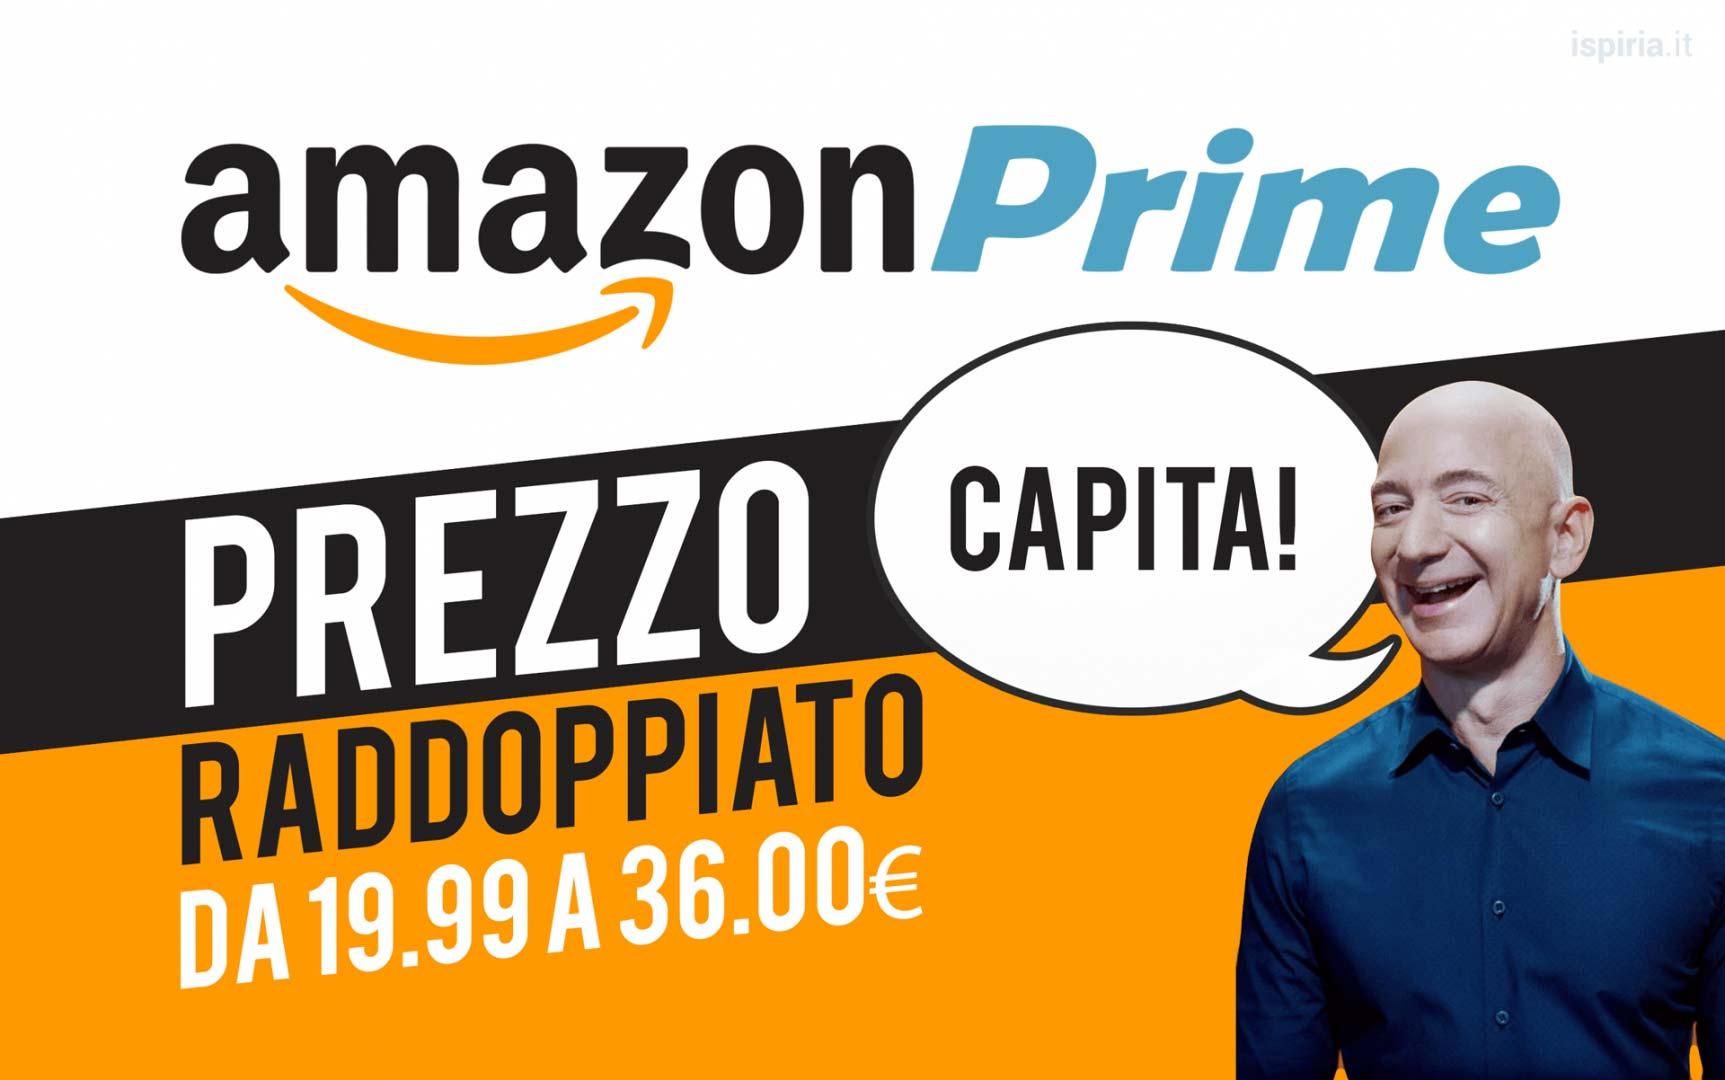 Prezzo Di Amazon Prime Aumentato In Italia – Solo Fino Al 4 Aprile Al Vecchio Prezzo